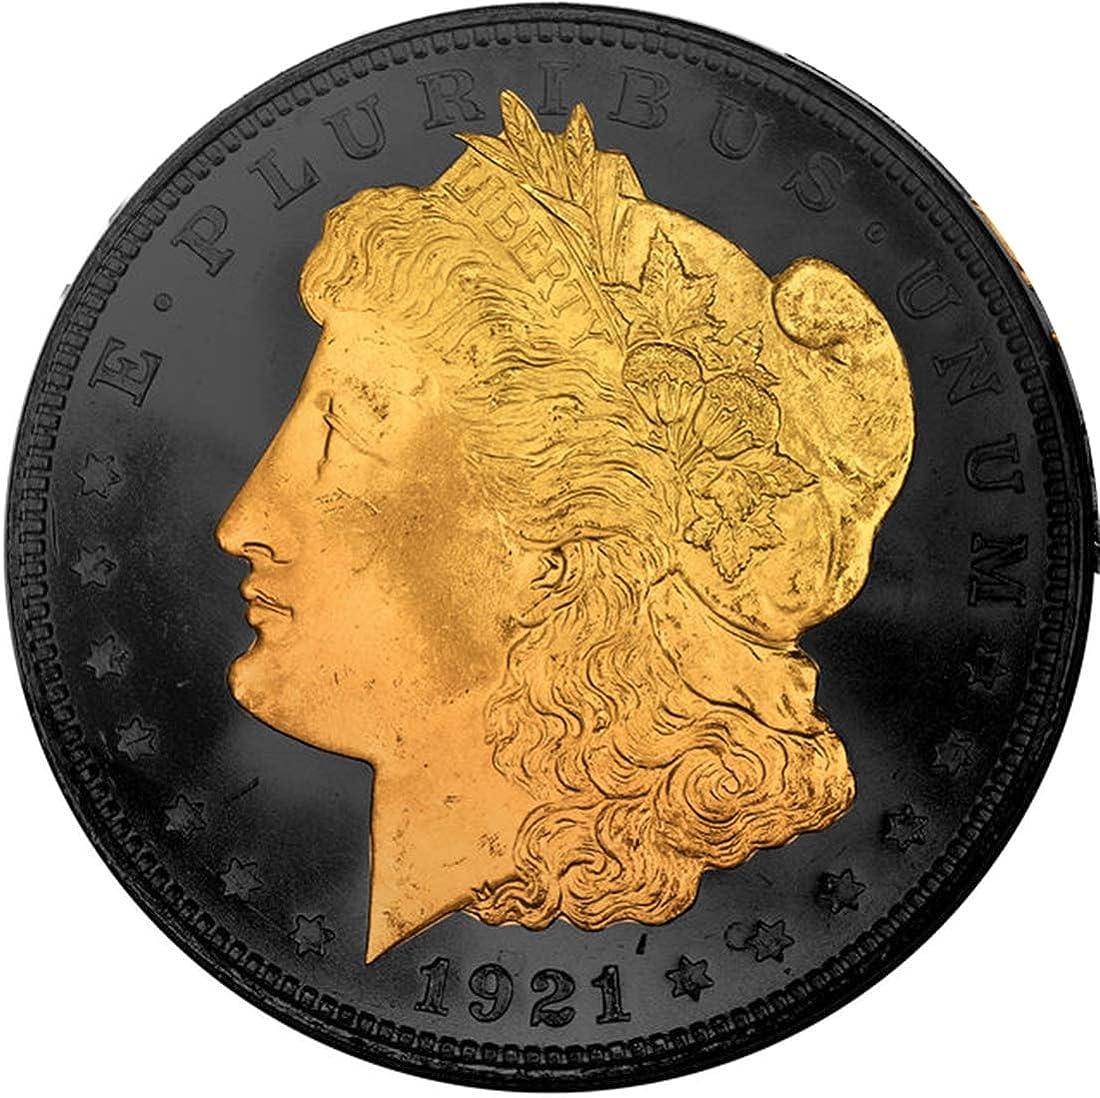 Muñeca de Oro de 24 Quilates con Efecto de Alivio y Reverso de rutenio Negro 1921 US Morgan. 900 Plata, no una reproducción: Amazon.es: Joyería